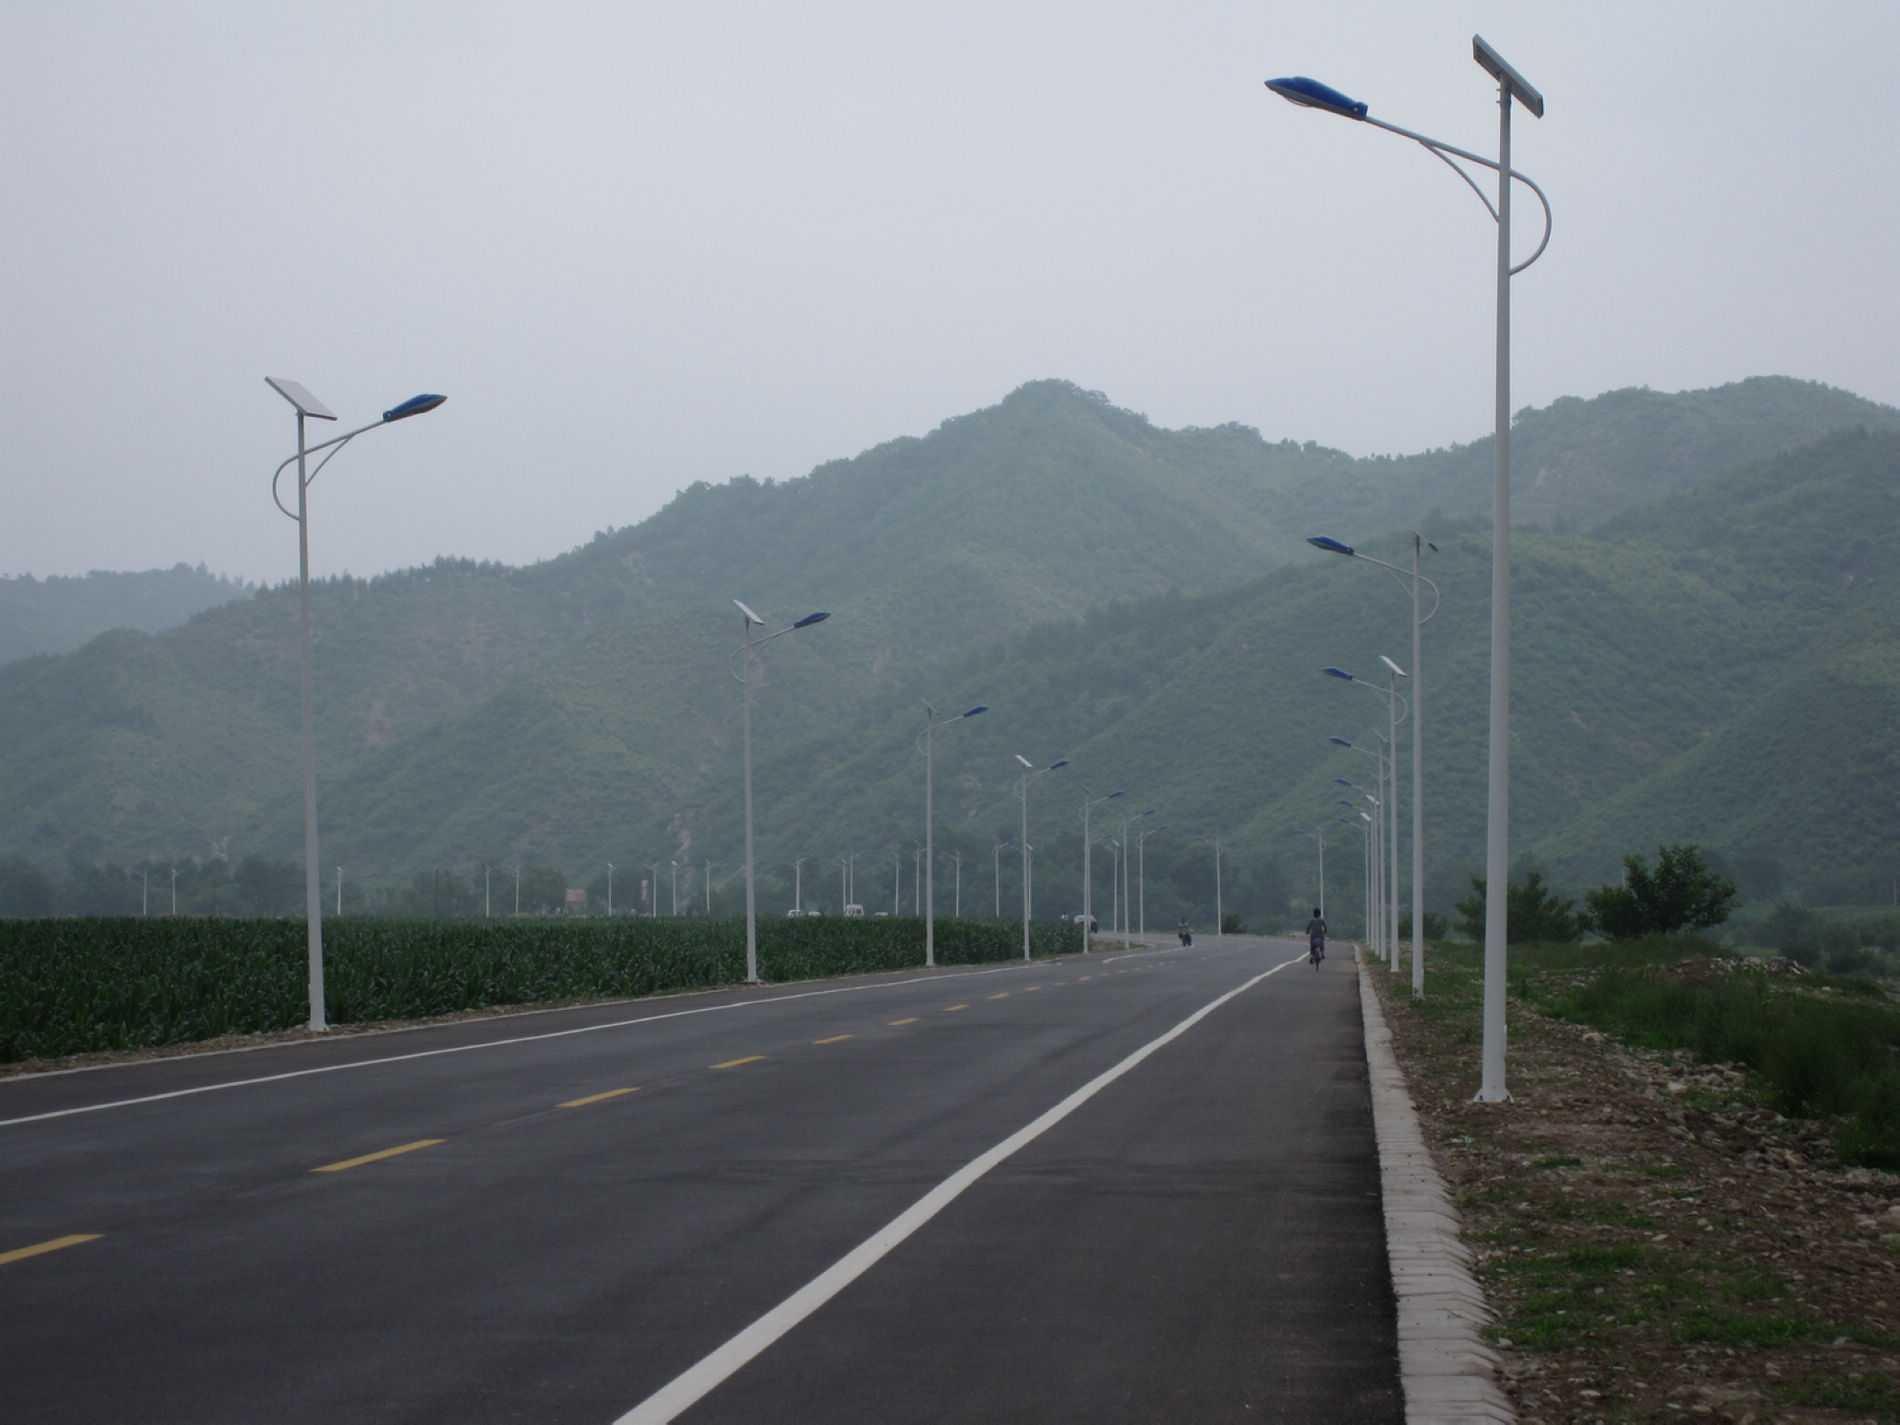 供应用于照明的太阳能节能灯,江苏扬州太阳能灯